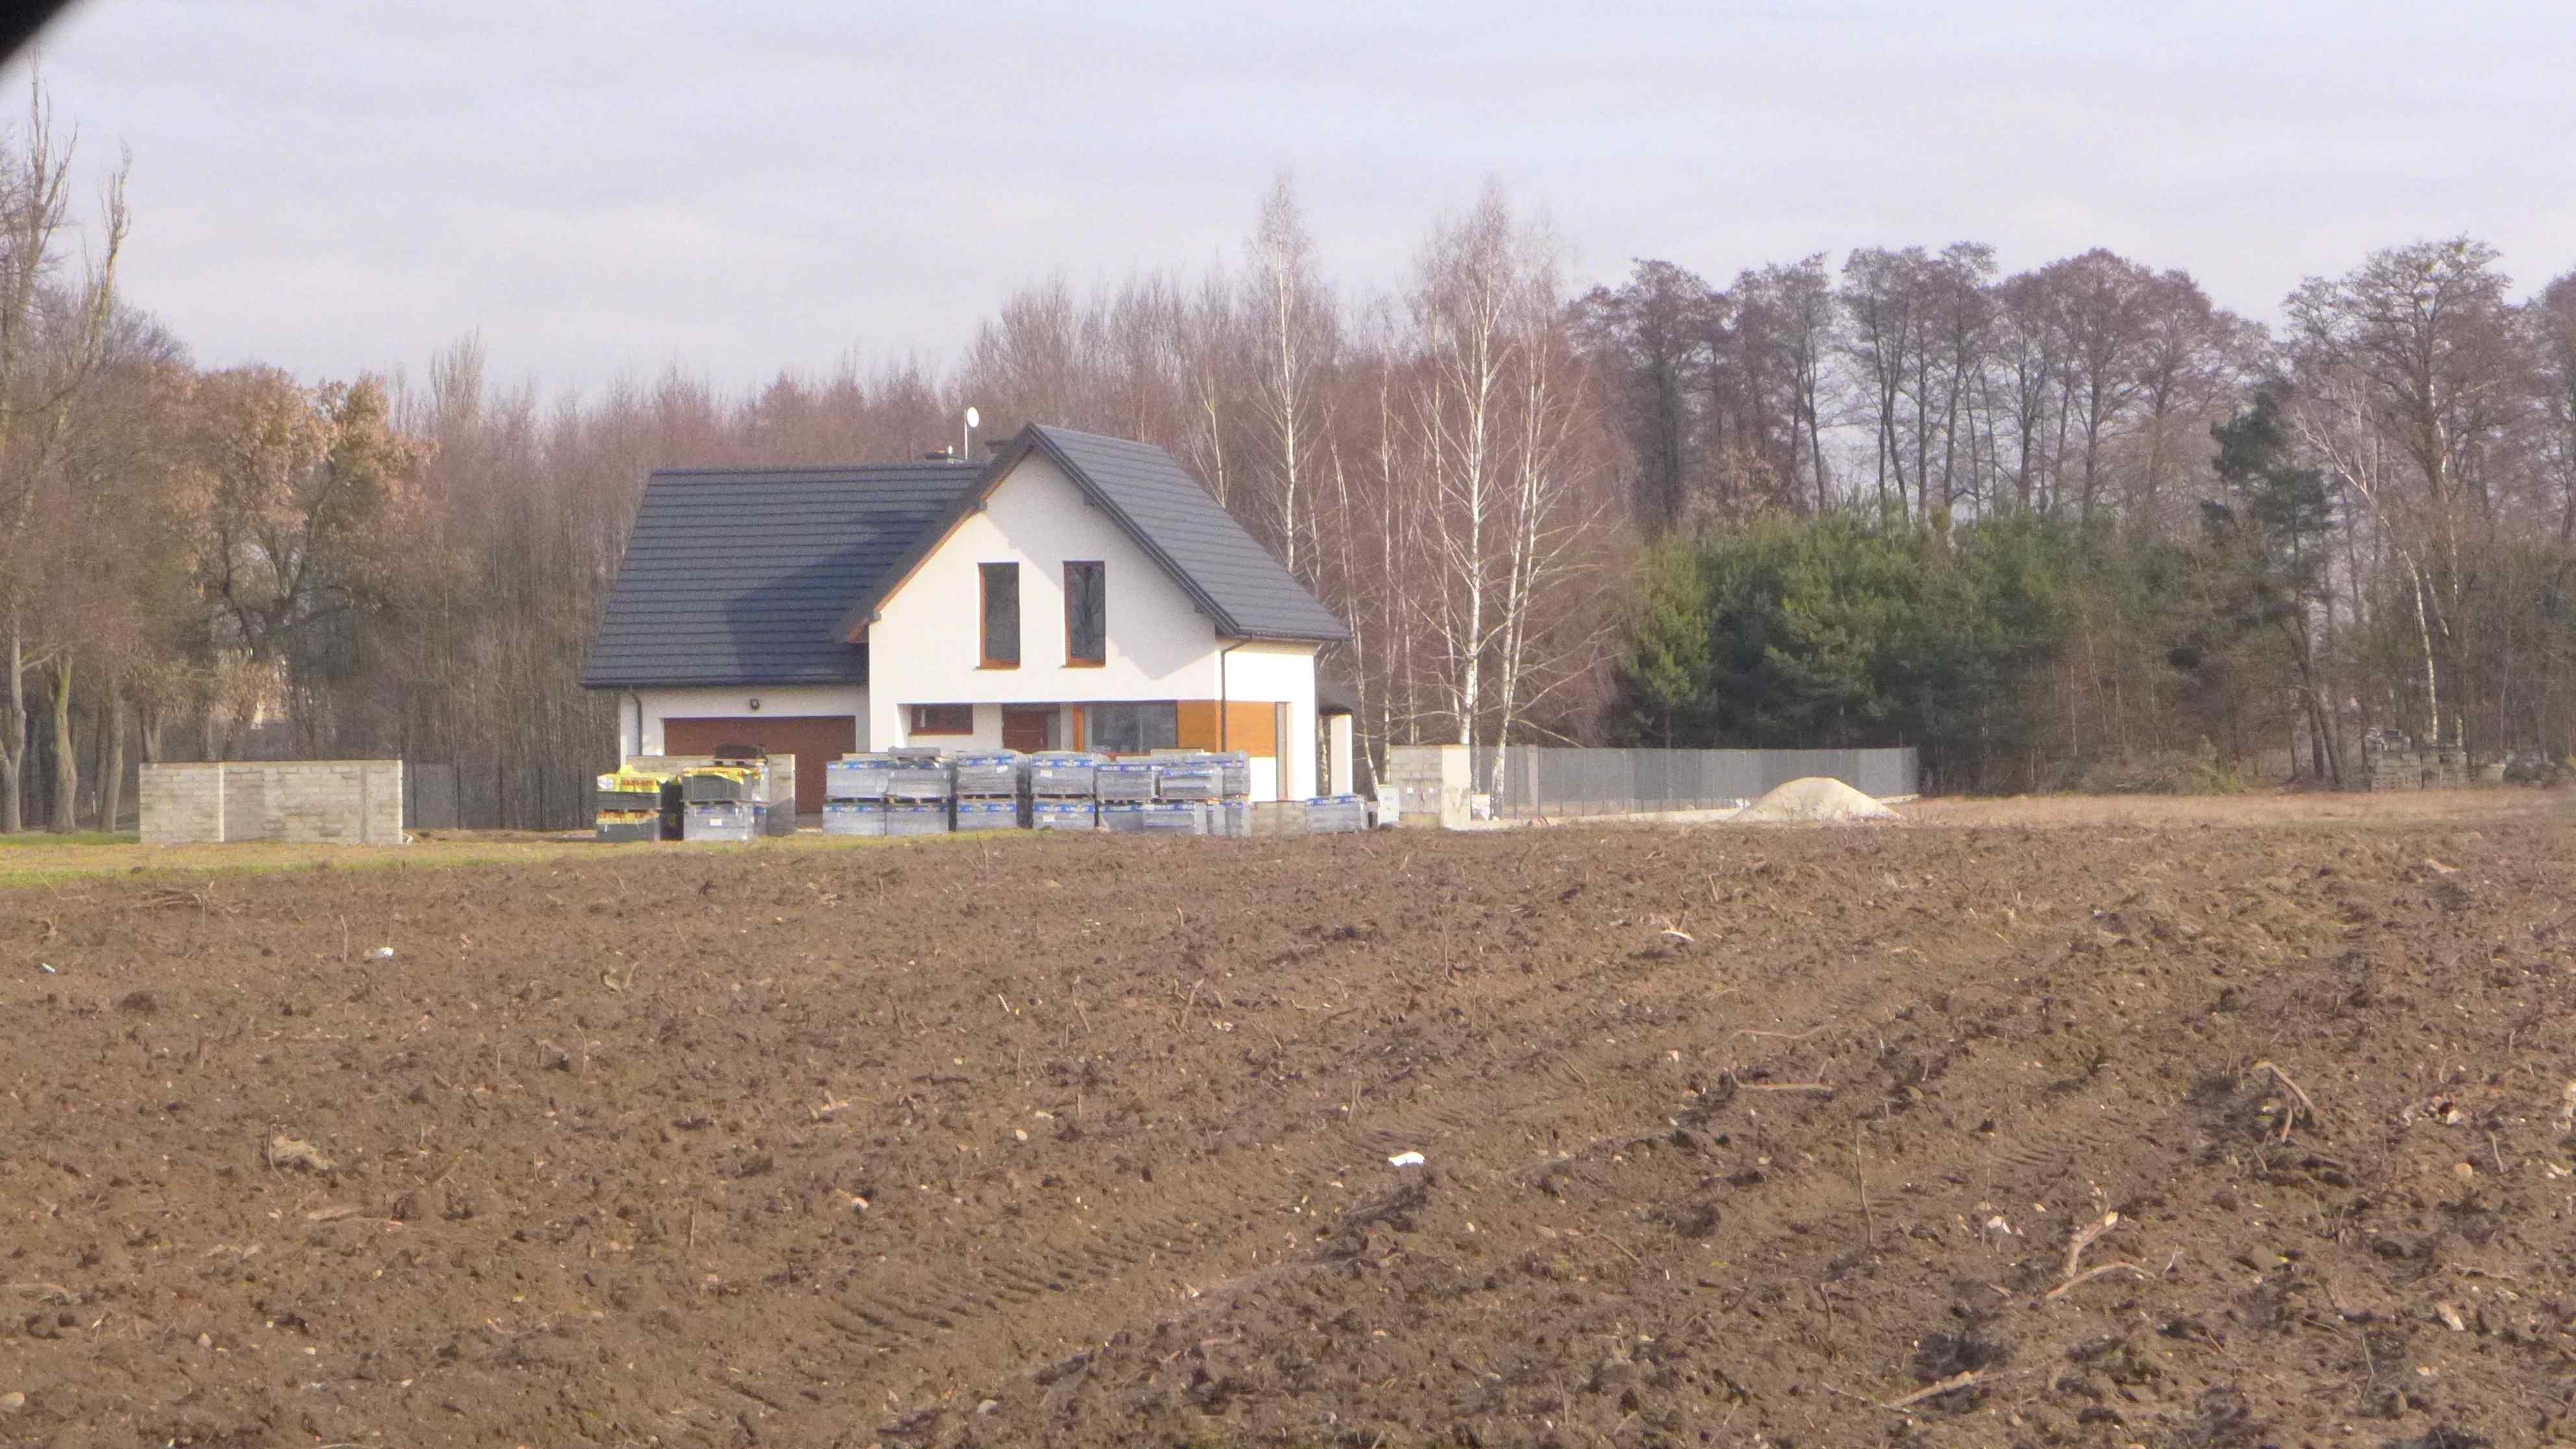 budowa-domu-na-lesnej-dzialce-jak-uzyskac-pozwolenie-na-budowe